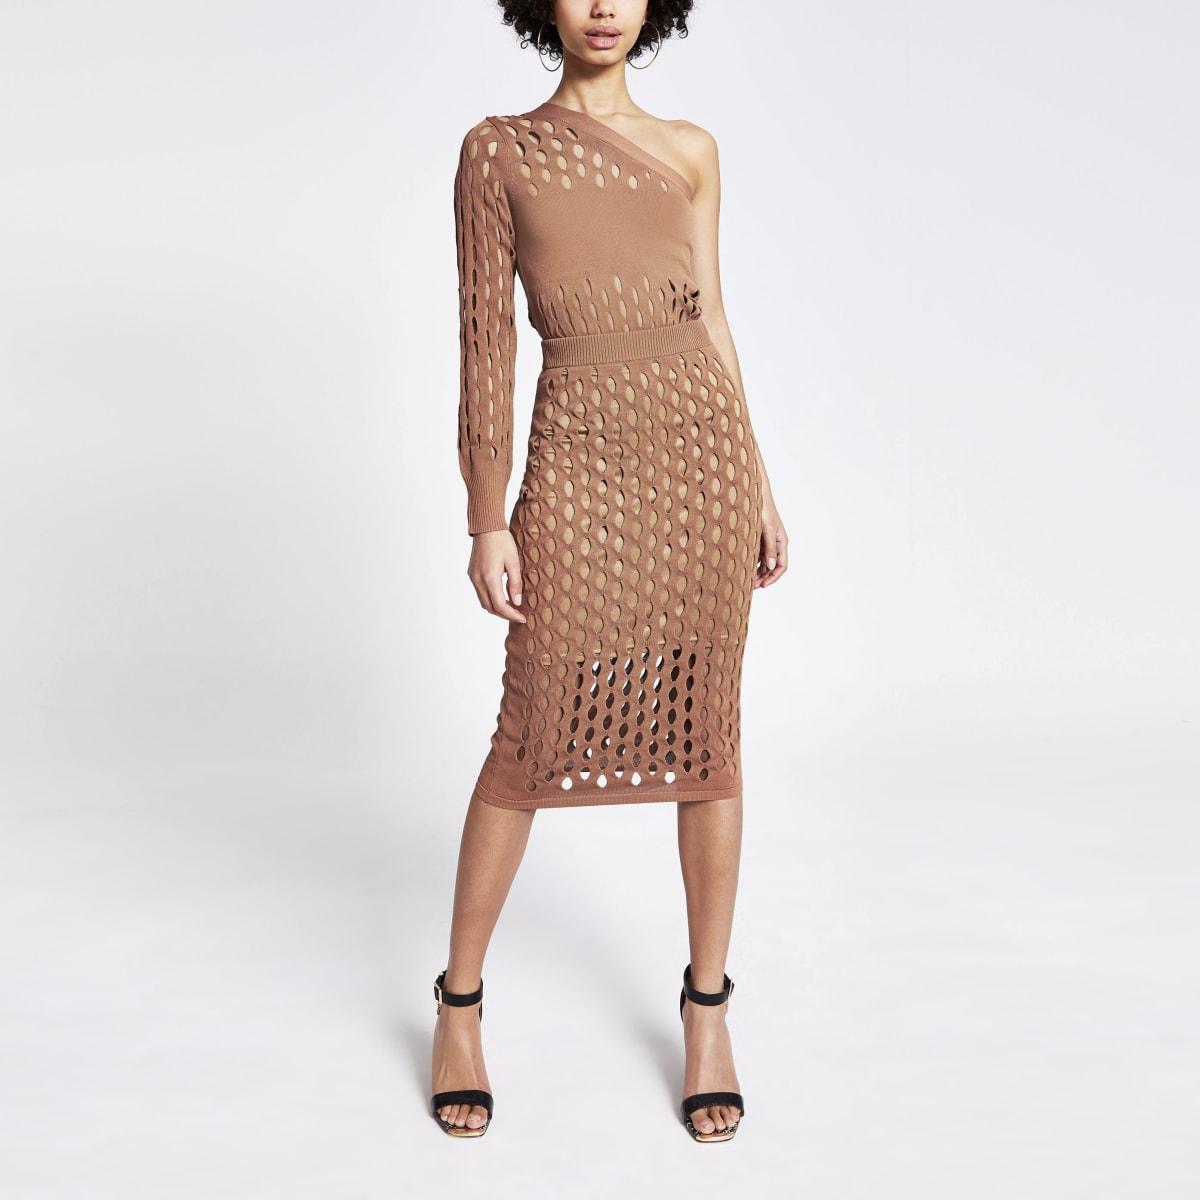 Rust mesh knitted midi skirt